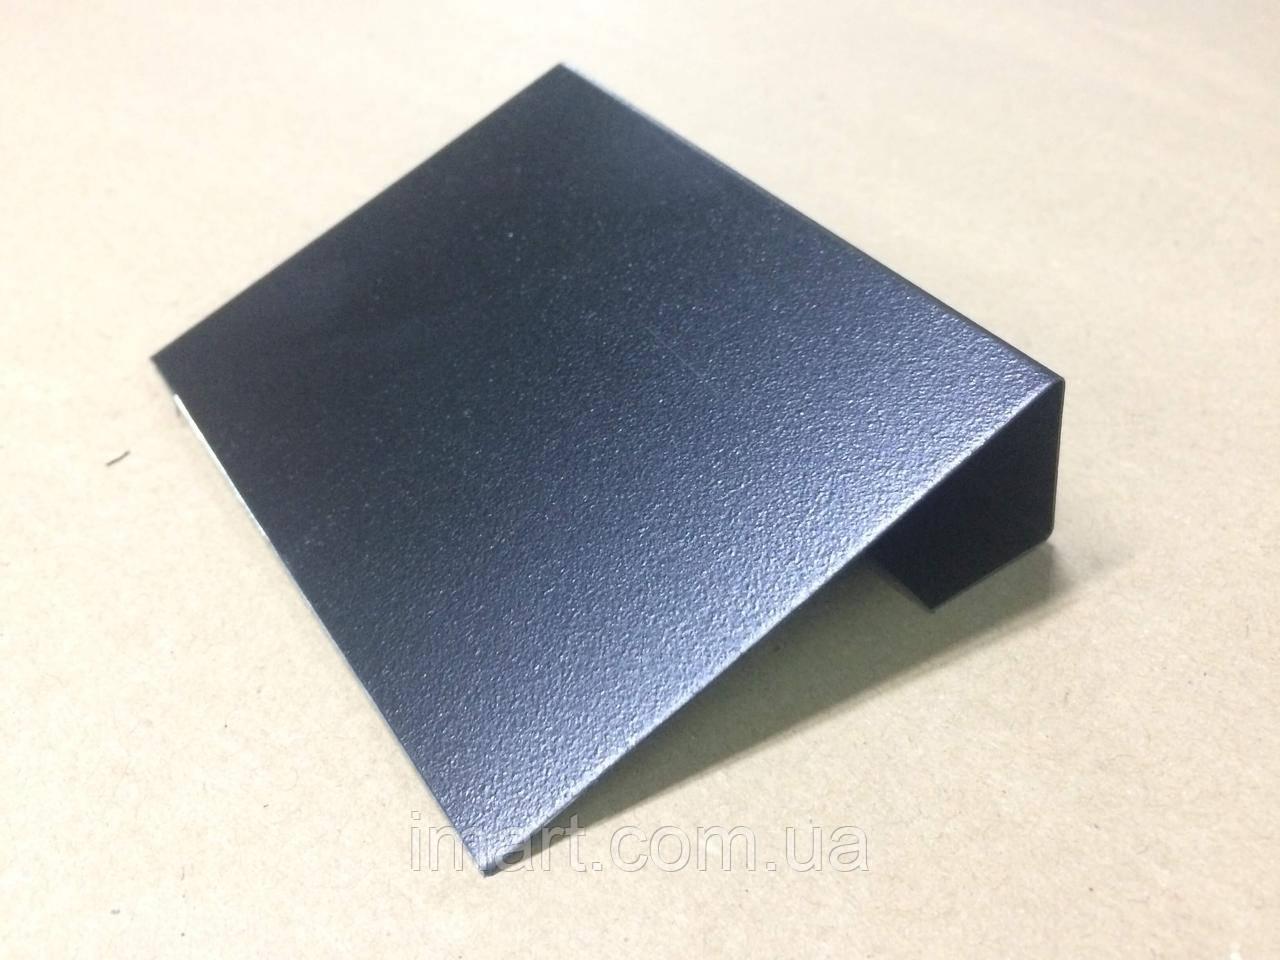 Ценник меловой 9х9 см с подставкой (для надписей мелом и маркером) грифельный ценник. Крейдовий